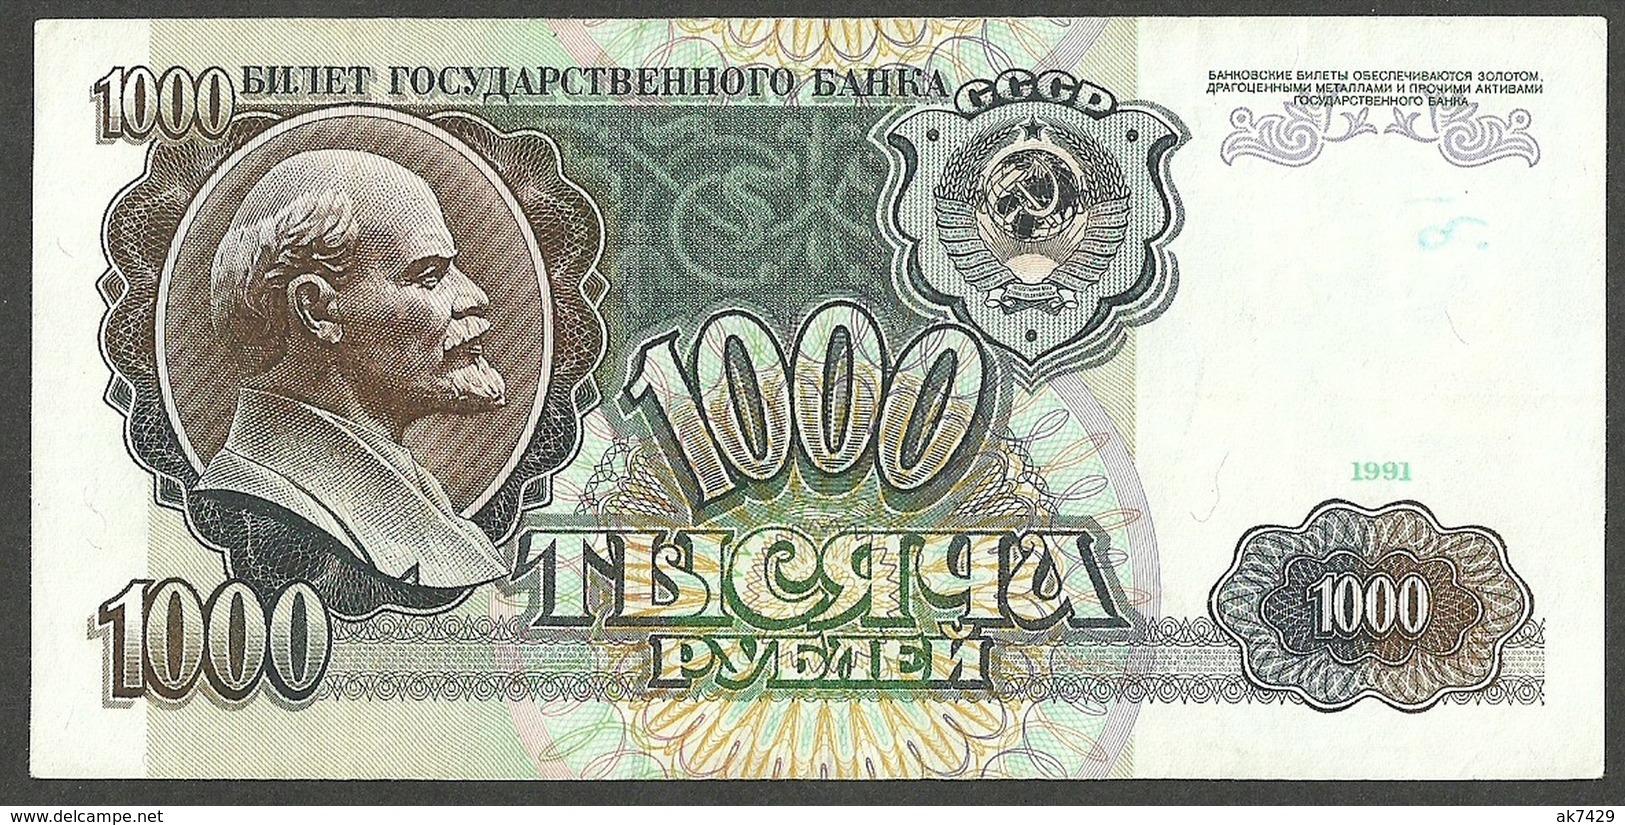 RUSSIA 1000 RUBLES 1991 A3 P-246 GREAT CONDITION LQQK - Russia